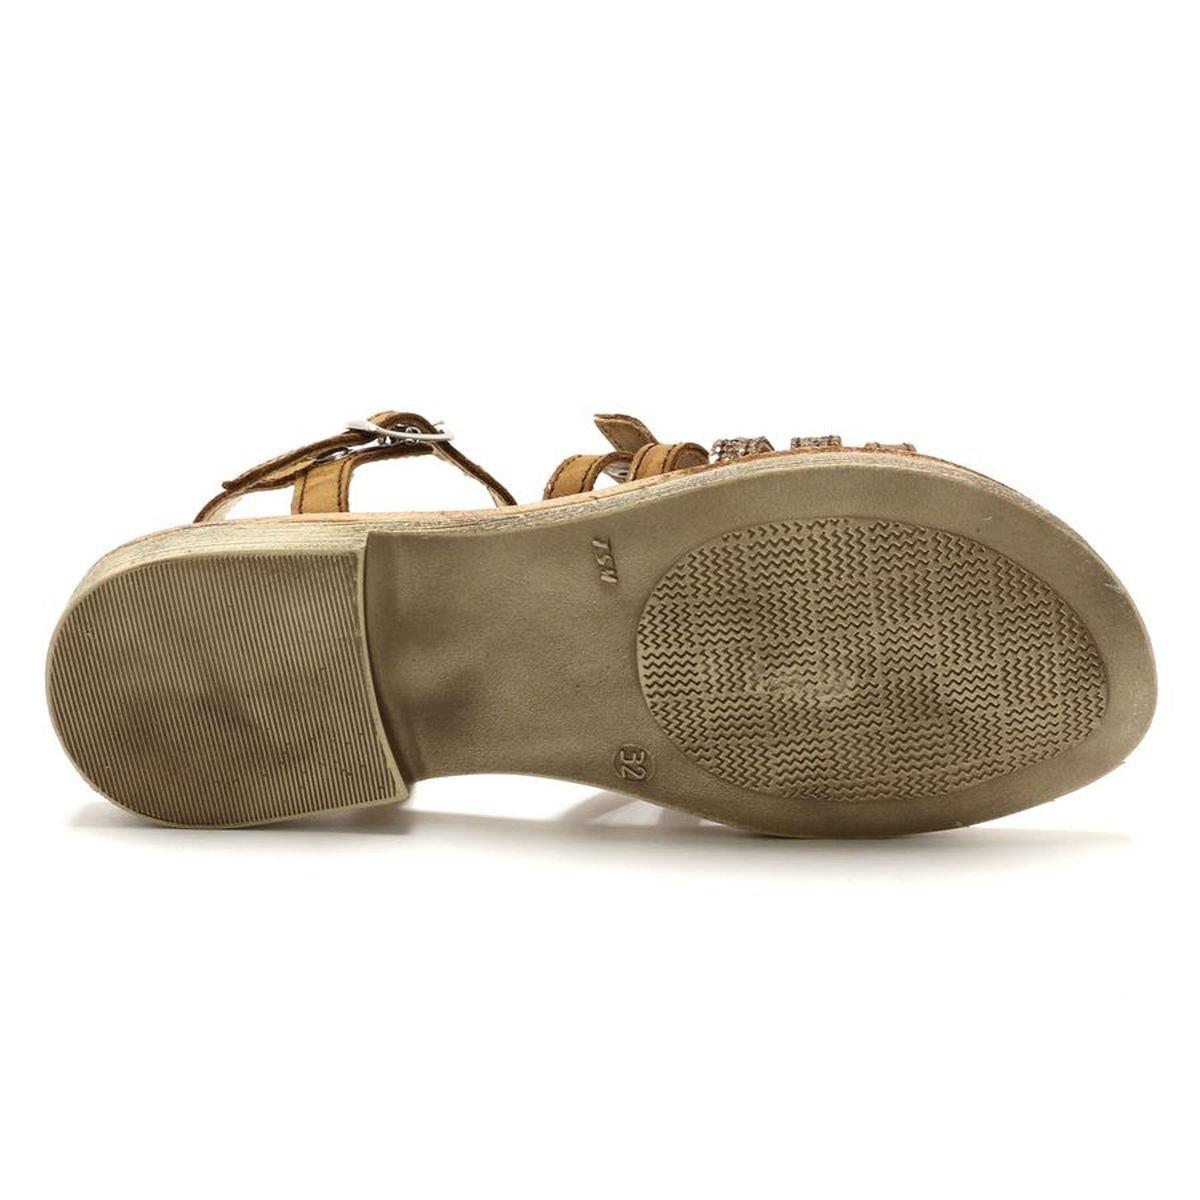 GBB Filles Bangkok Braun Sandalen/Sandaletten Marron-pailletten / Dpf / / / Coca 6f07e2